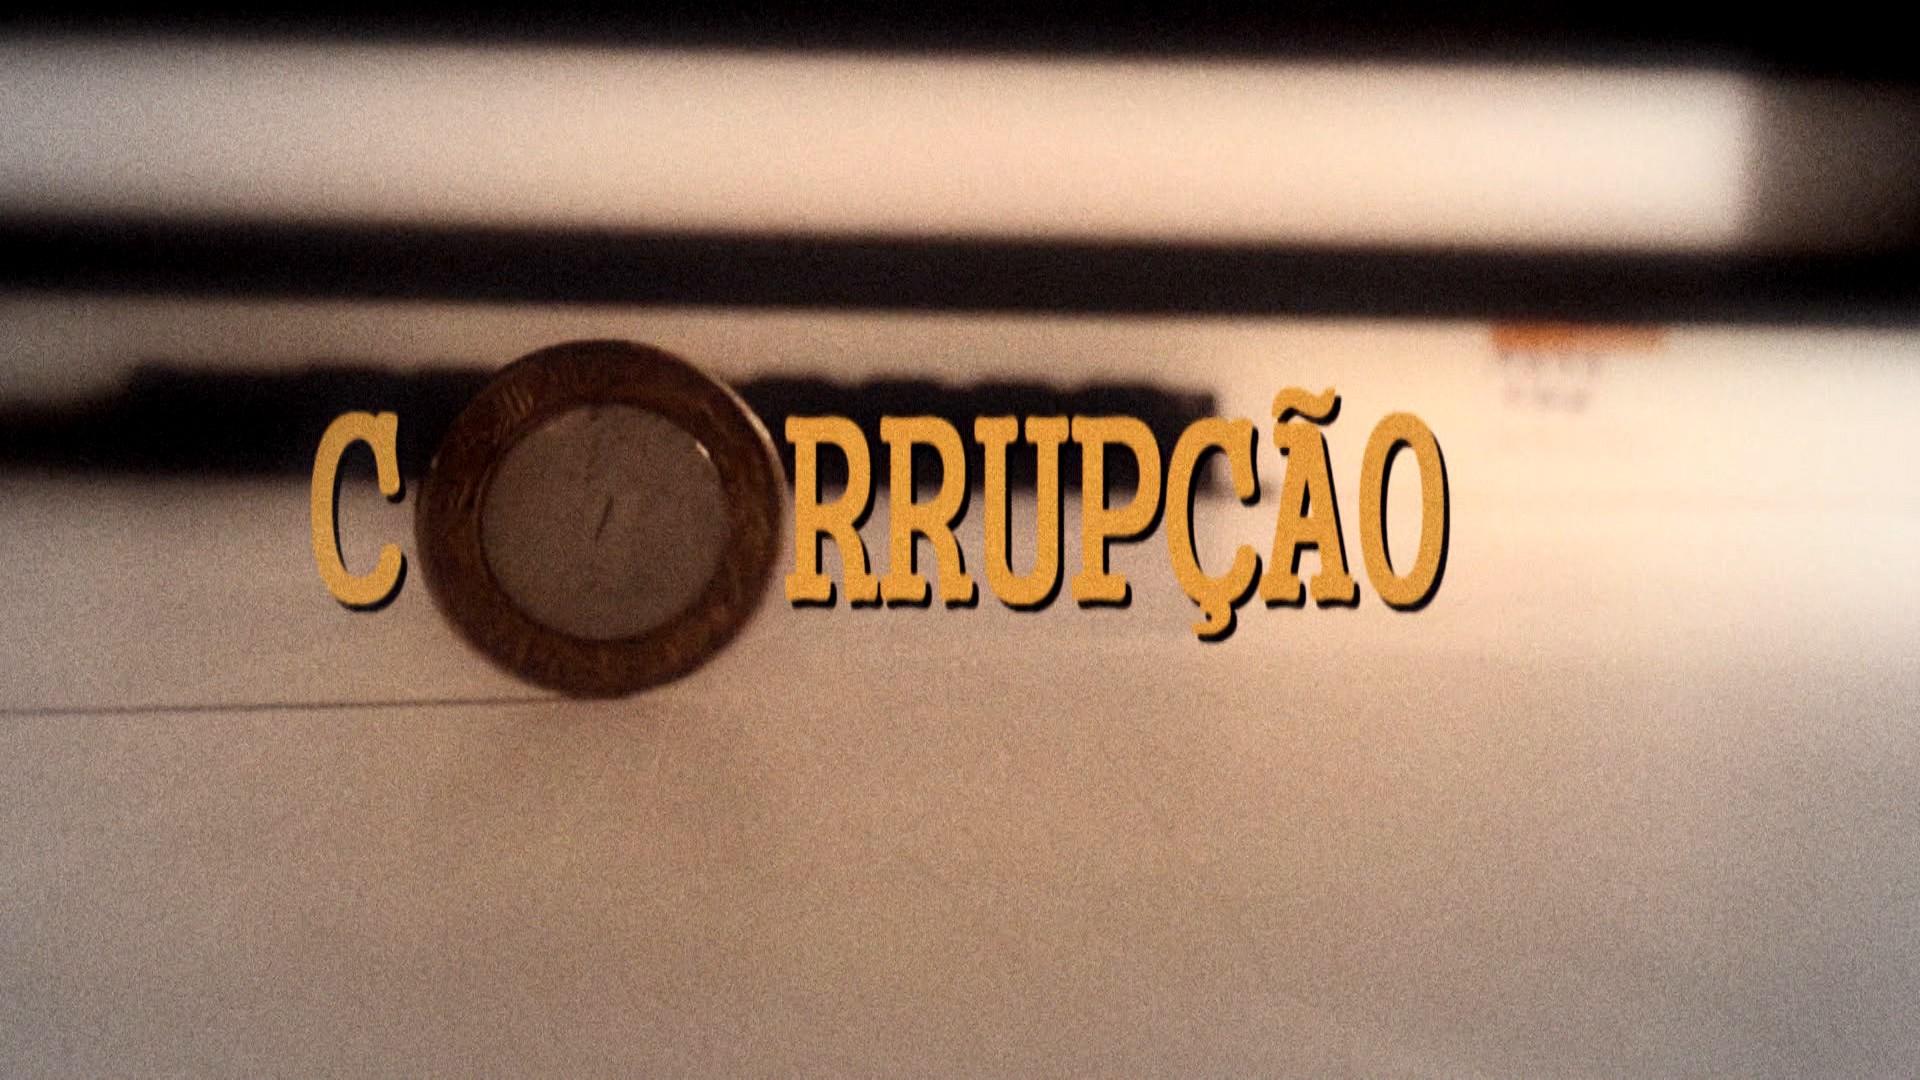 A ética ajuda a combater a prática de atos ilíticos, e a luta contra a corrupção envolve toda a sociedade (Foto: Globo)